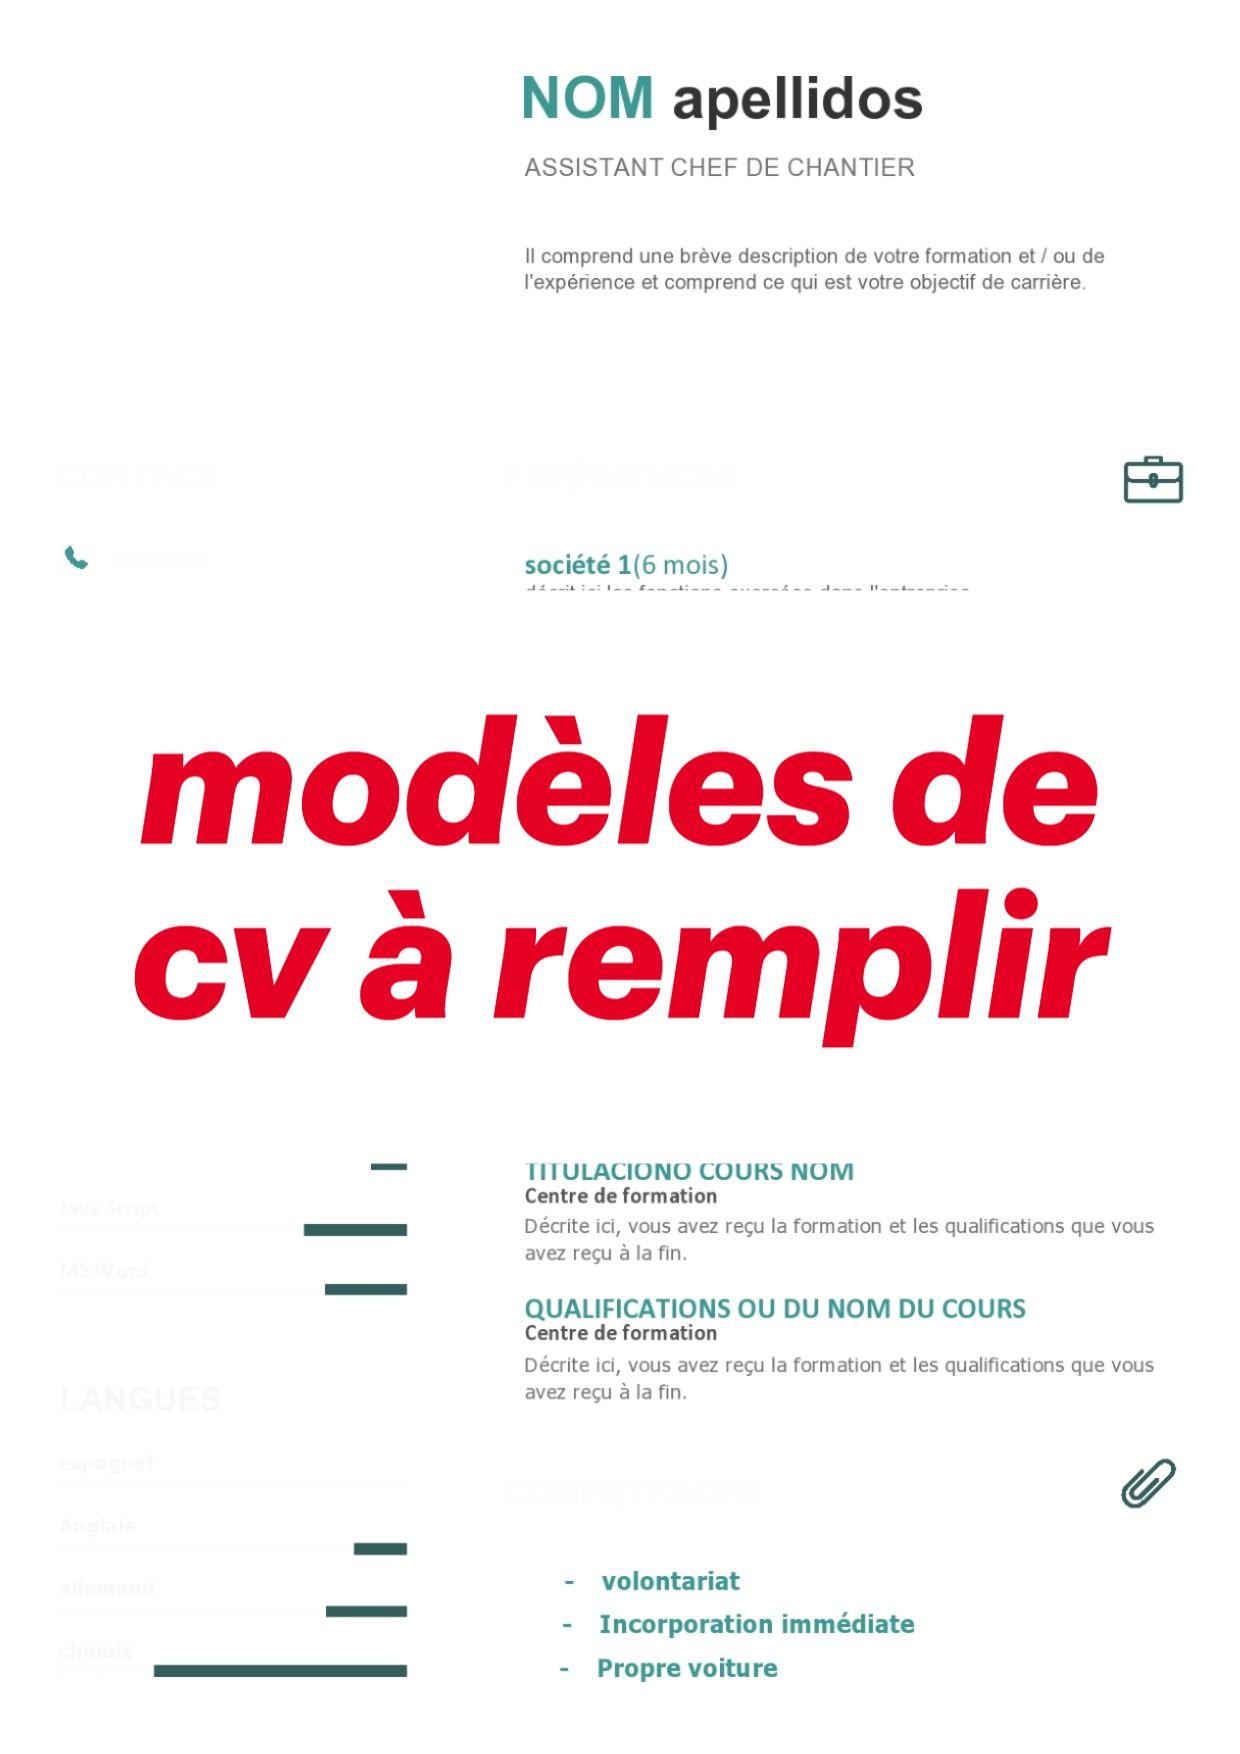 Modeles De Cv A Remplir Au Format Word Modele Cv Modele Cv Gratuit Word Cv A Remplir